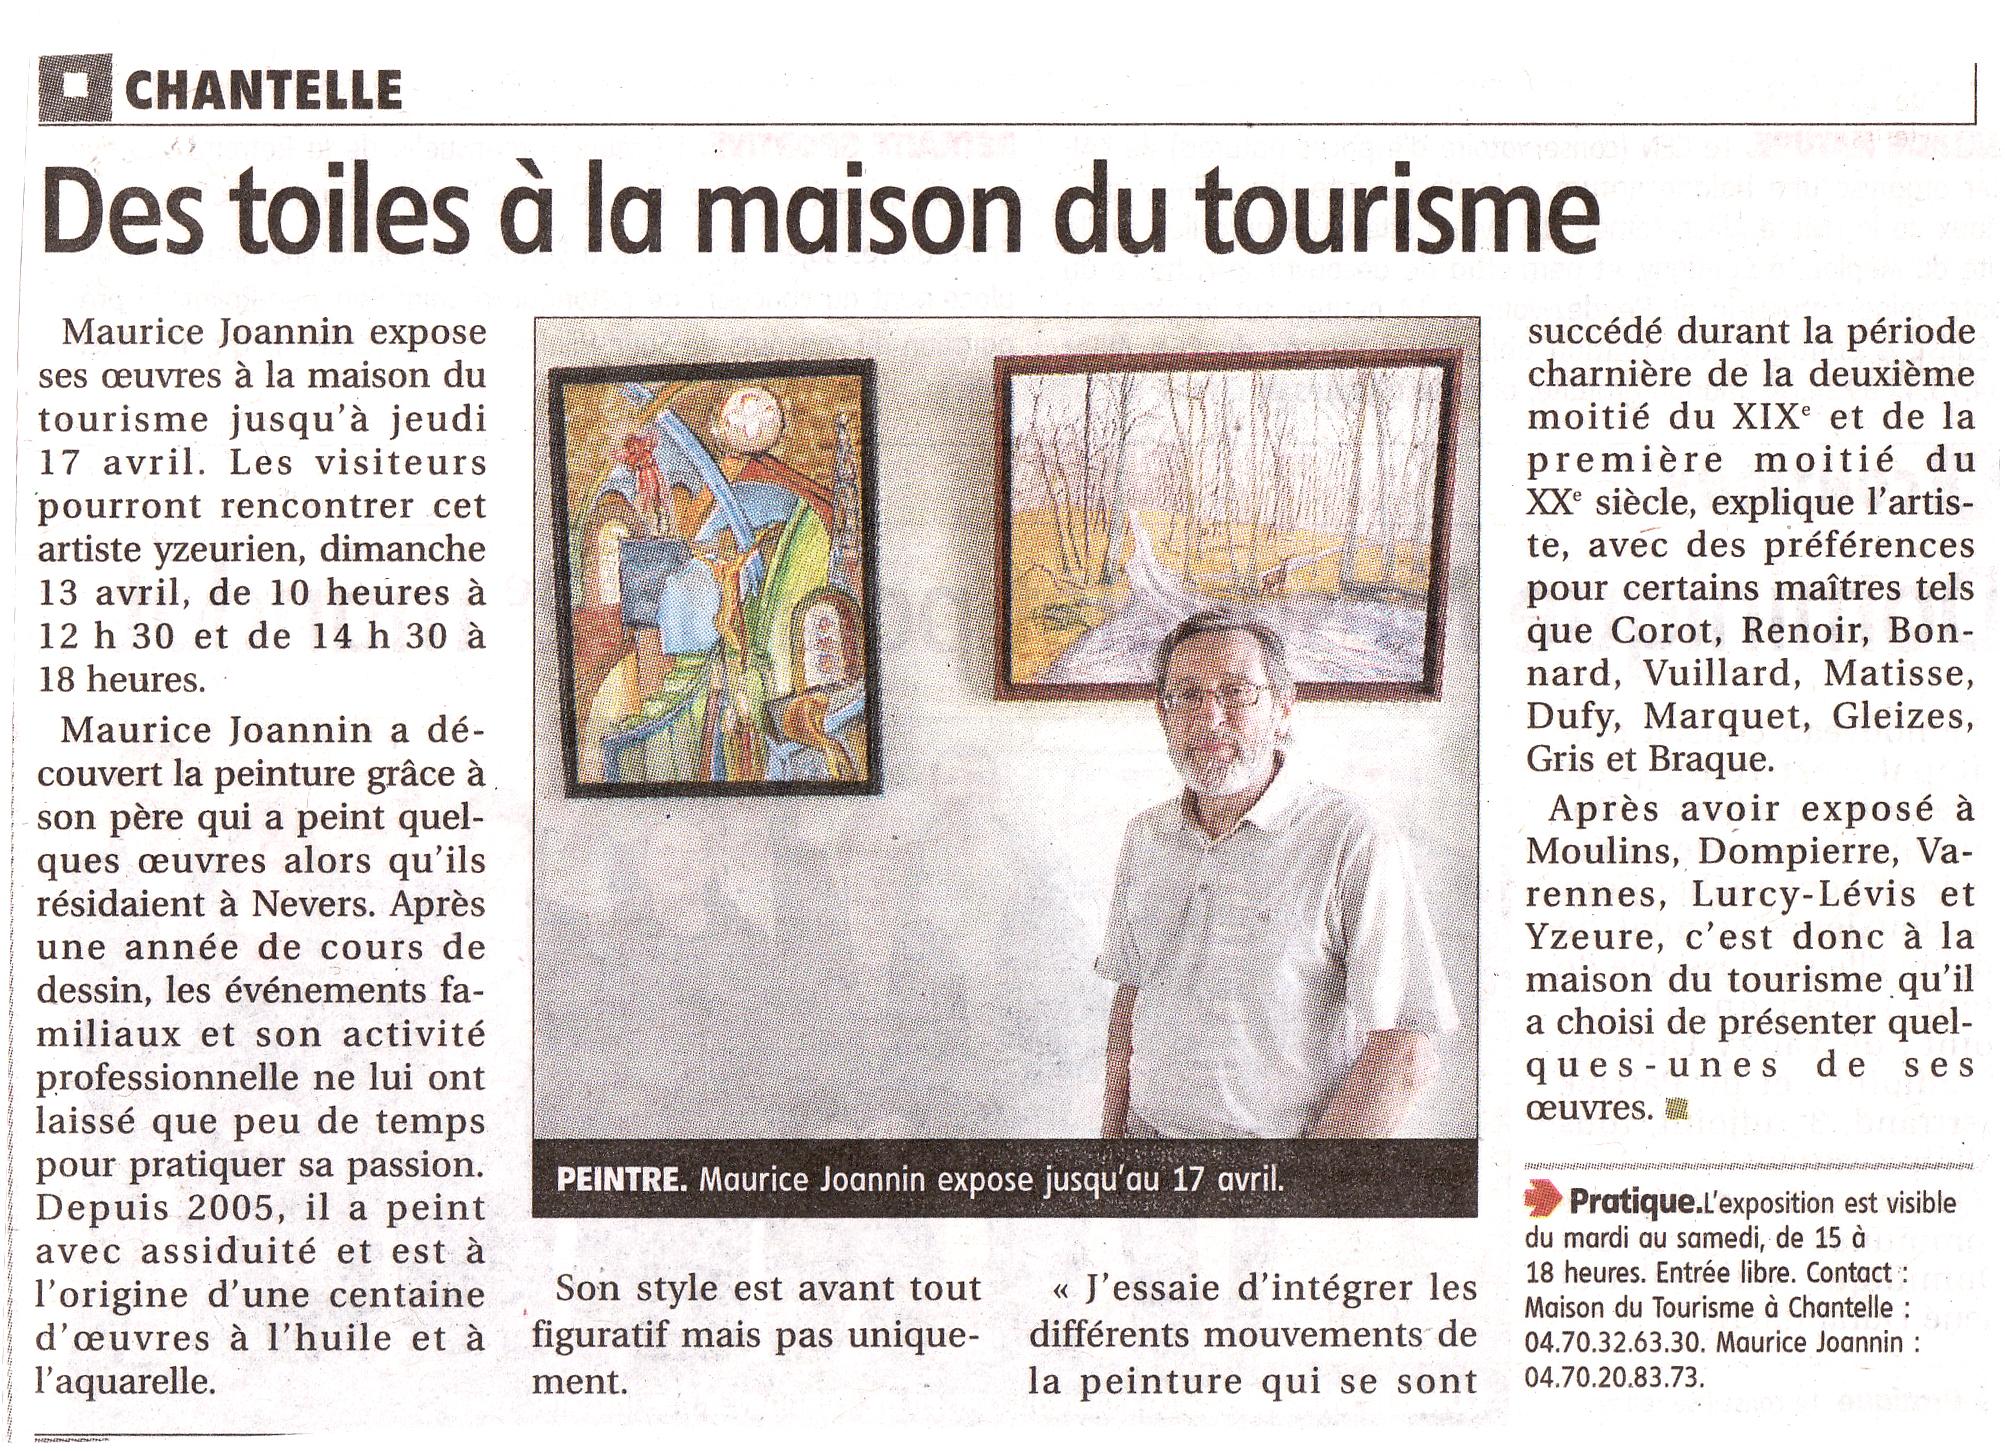 maison du tourisme à Chantelle -exposition de Maurice Joannin -paysages bourbonnais du 01 avril au 17 avril 2014